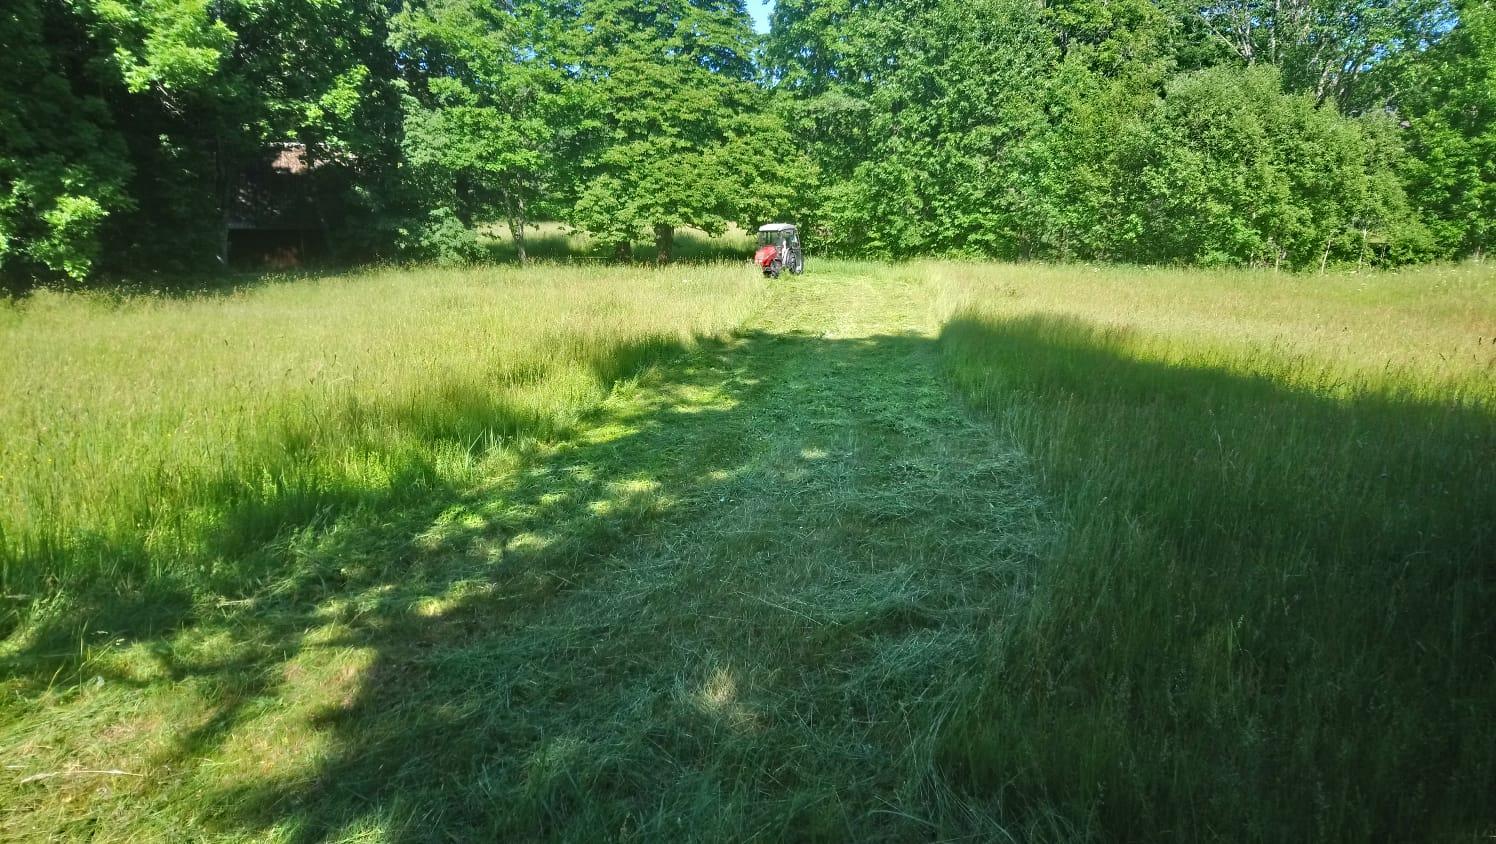 Foto: Liigirikas niit Saaremaal. Keskelt lahku niitmine jätab loomadele võimaluse masinate eest taandumiseks/Tõnu Talvi